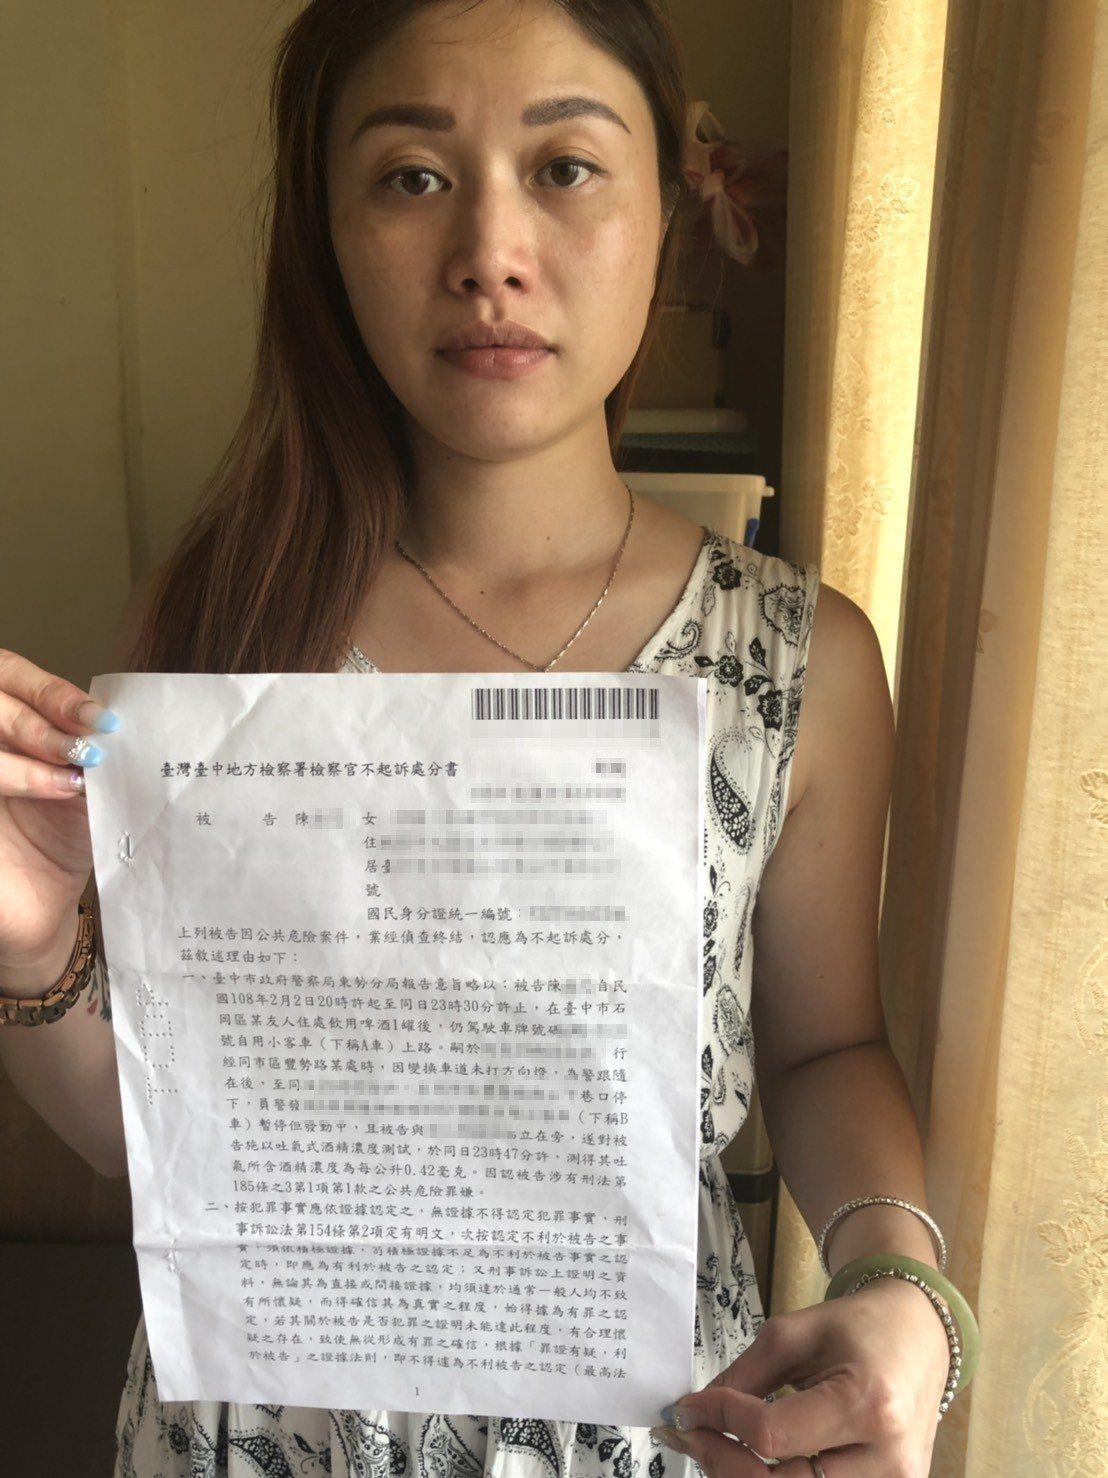 陳小姐出示她遭移送的公共危嫌案,獲地檢署不起訴處分。圖/陳小姐提供